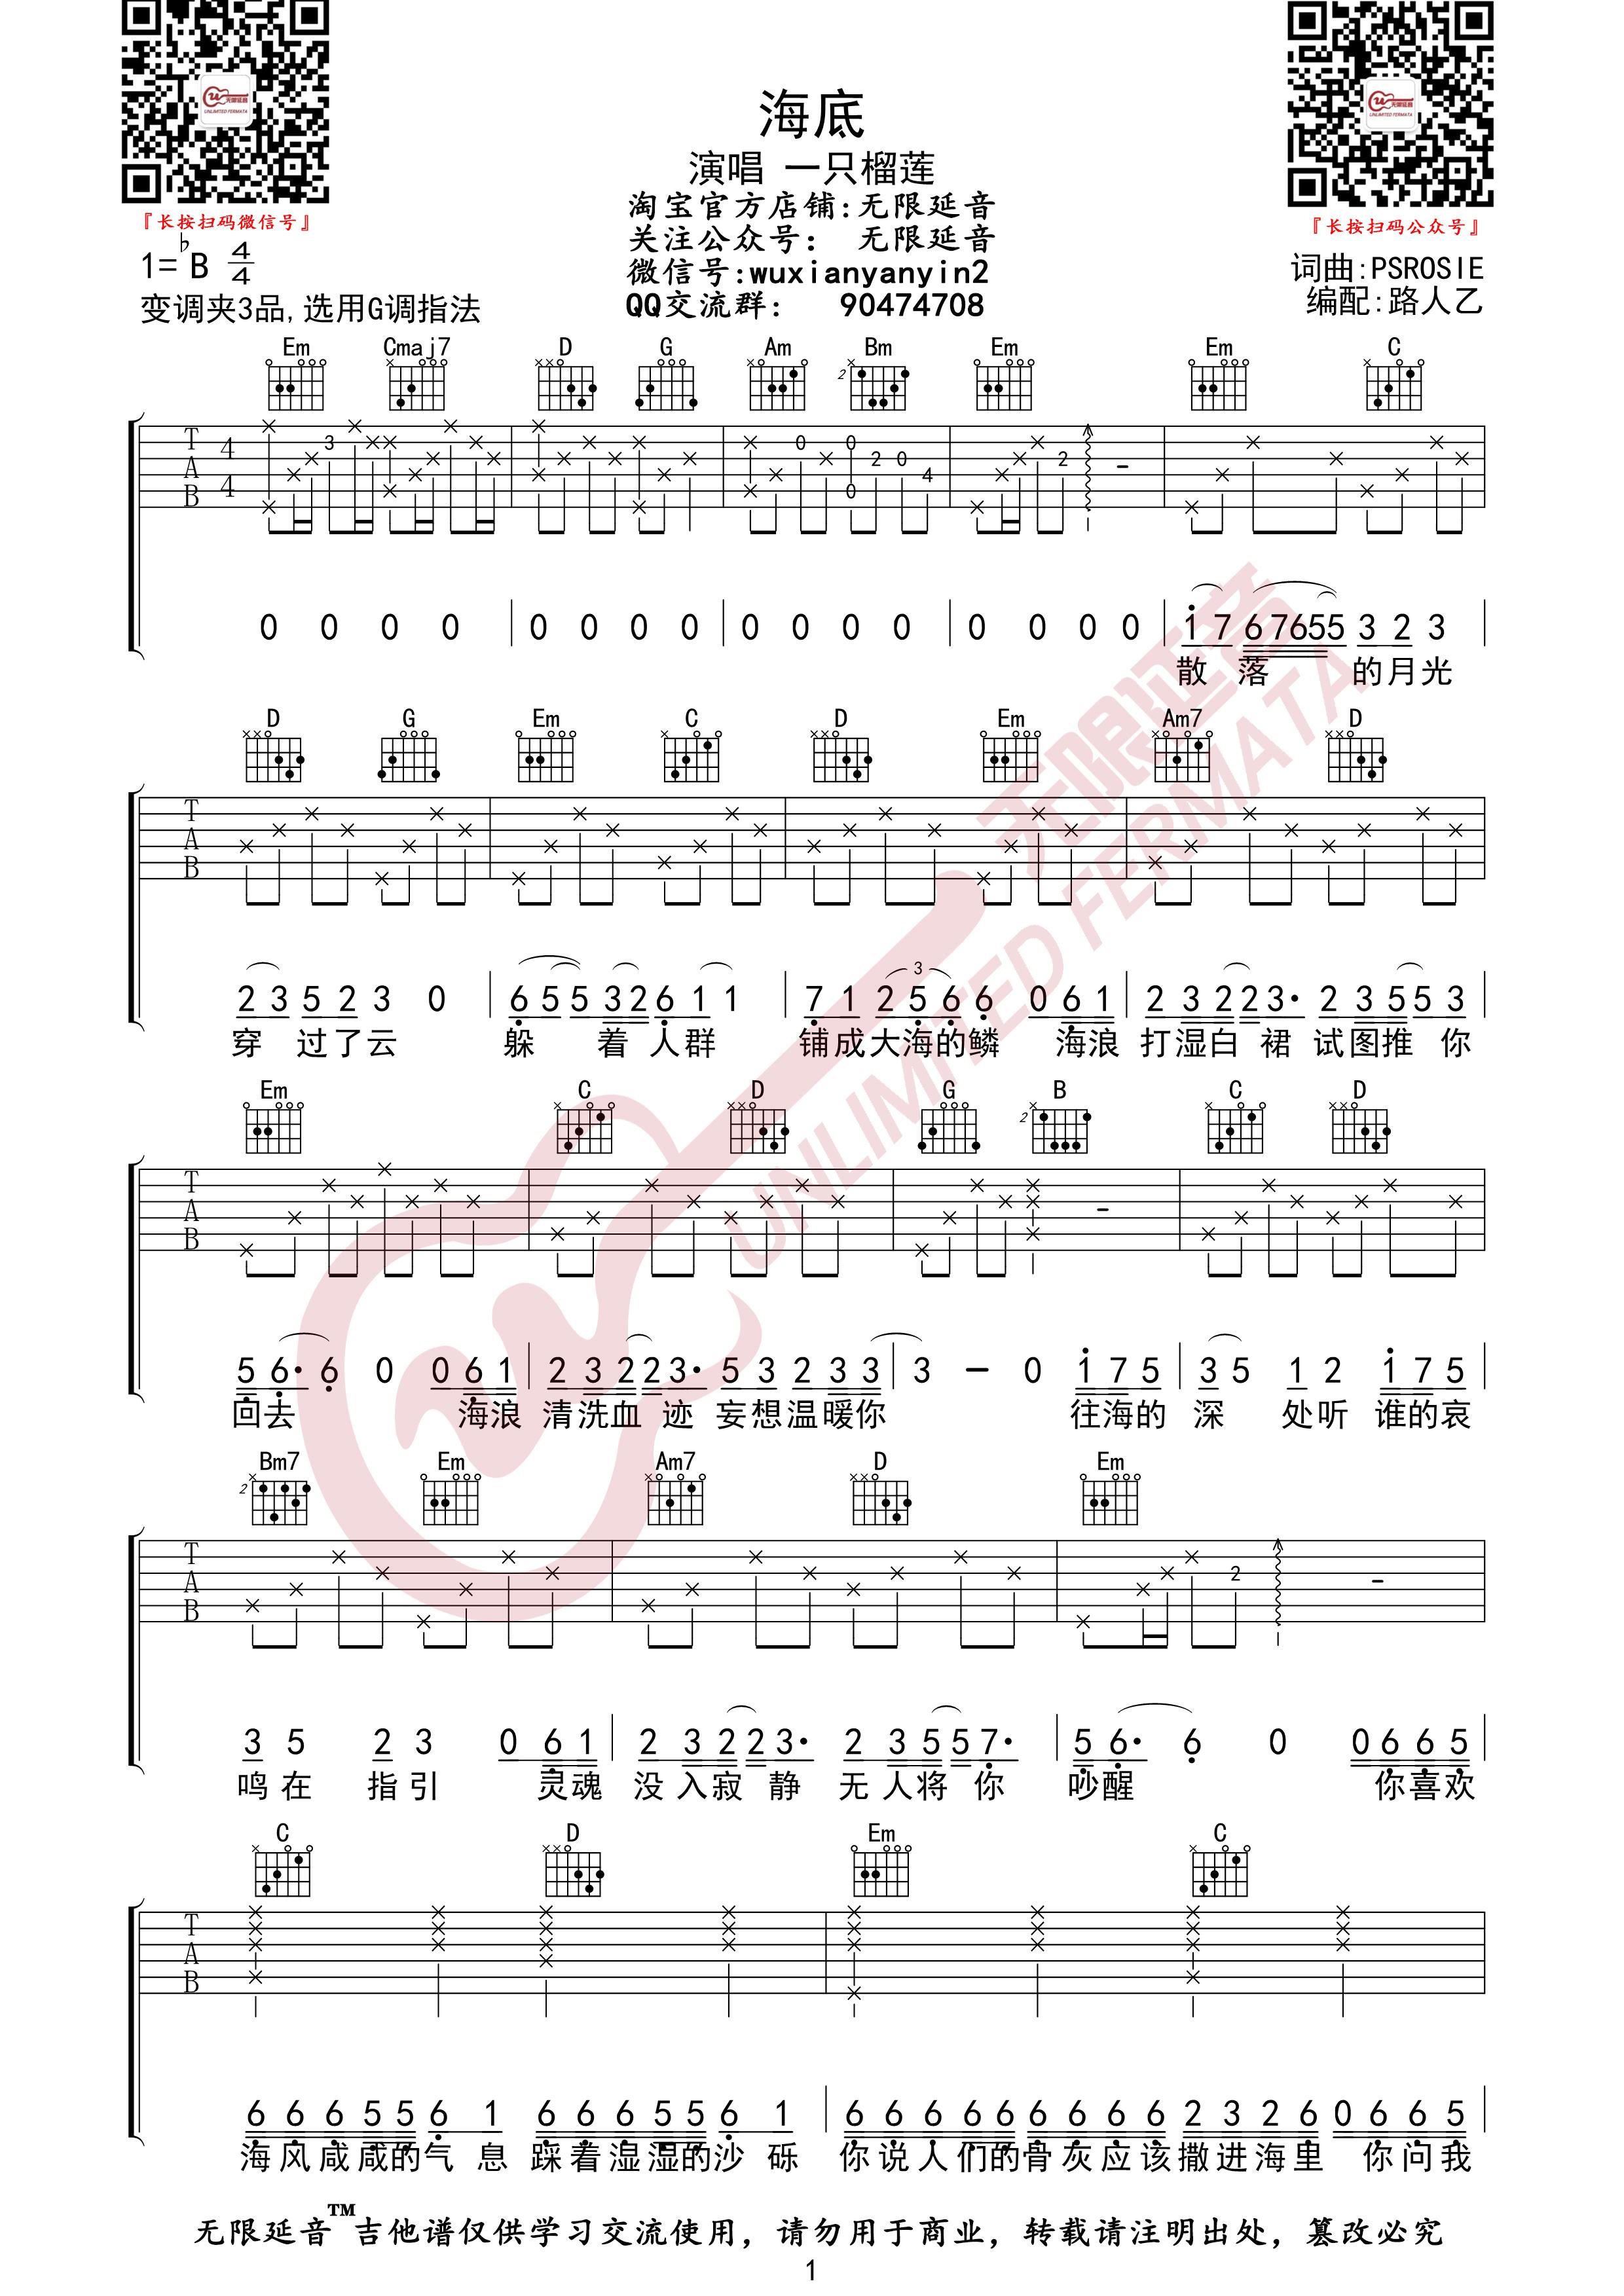 海底(无限延音编配)吉他谱(图片谱,一只榴莲,海底,吉他谱)_一只榴莲_海底01.jpg